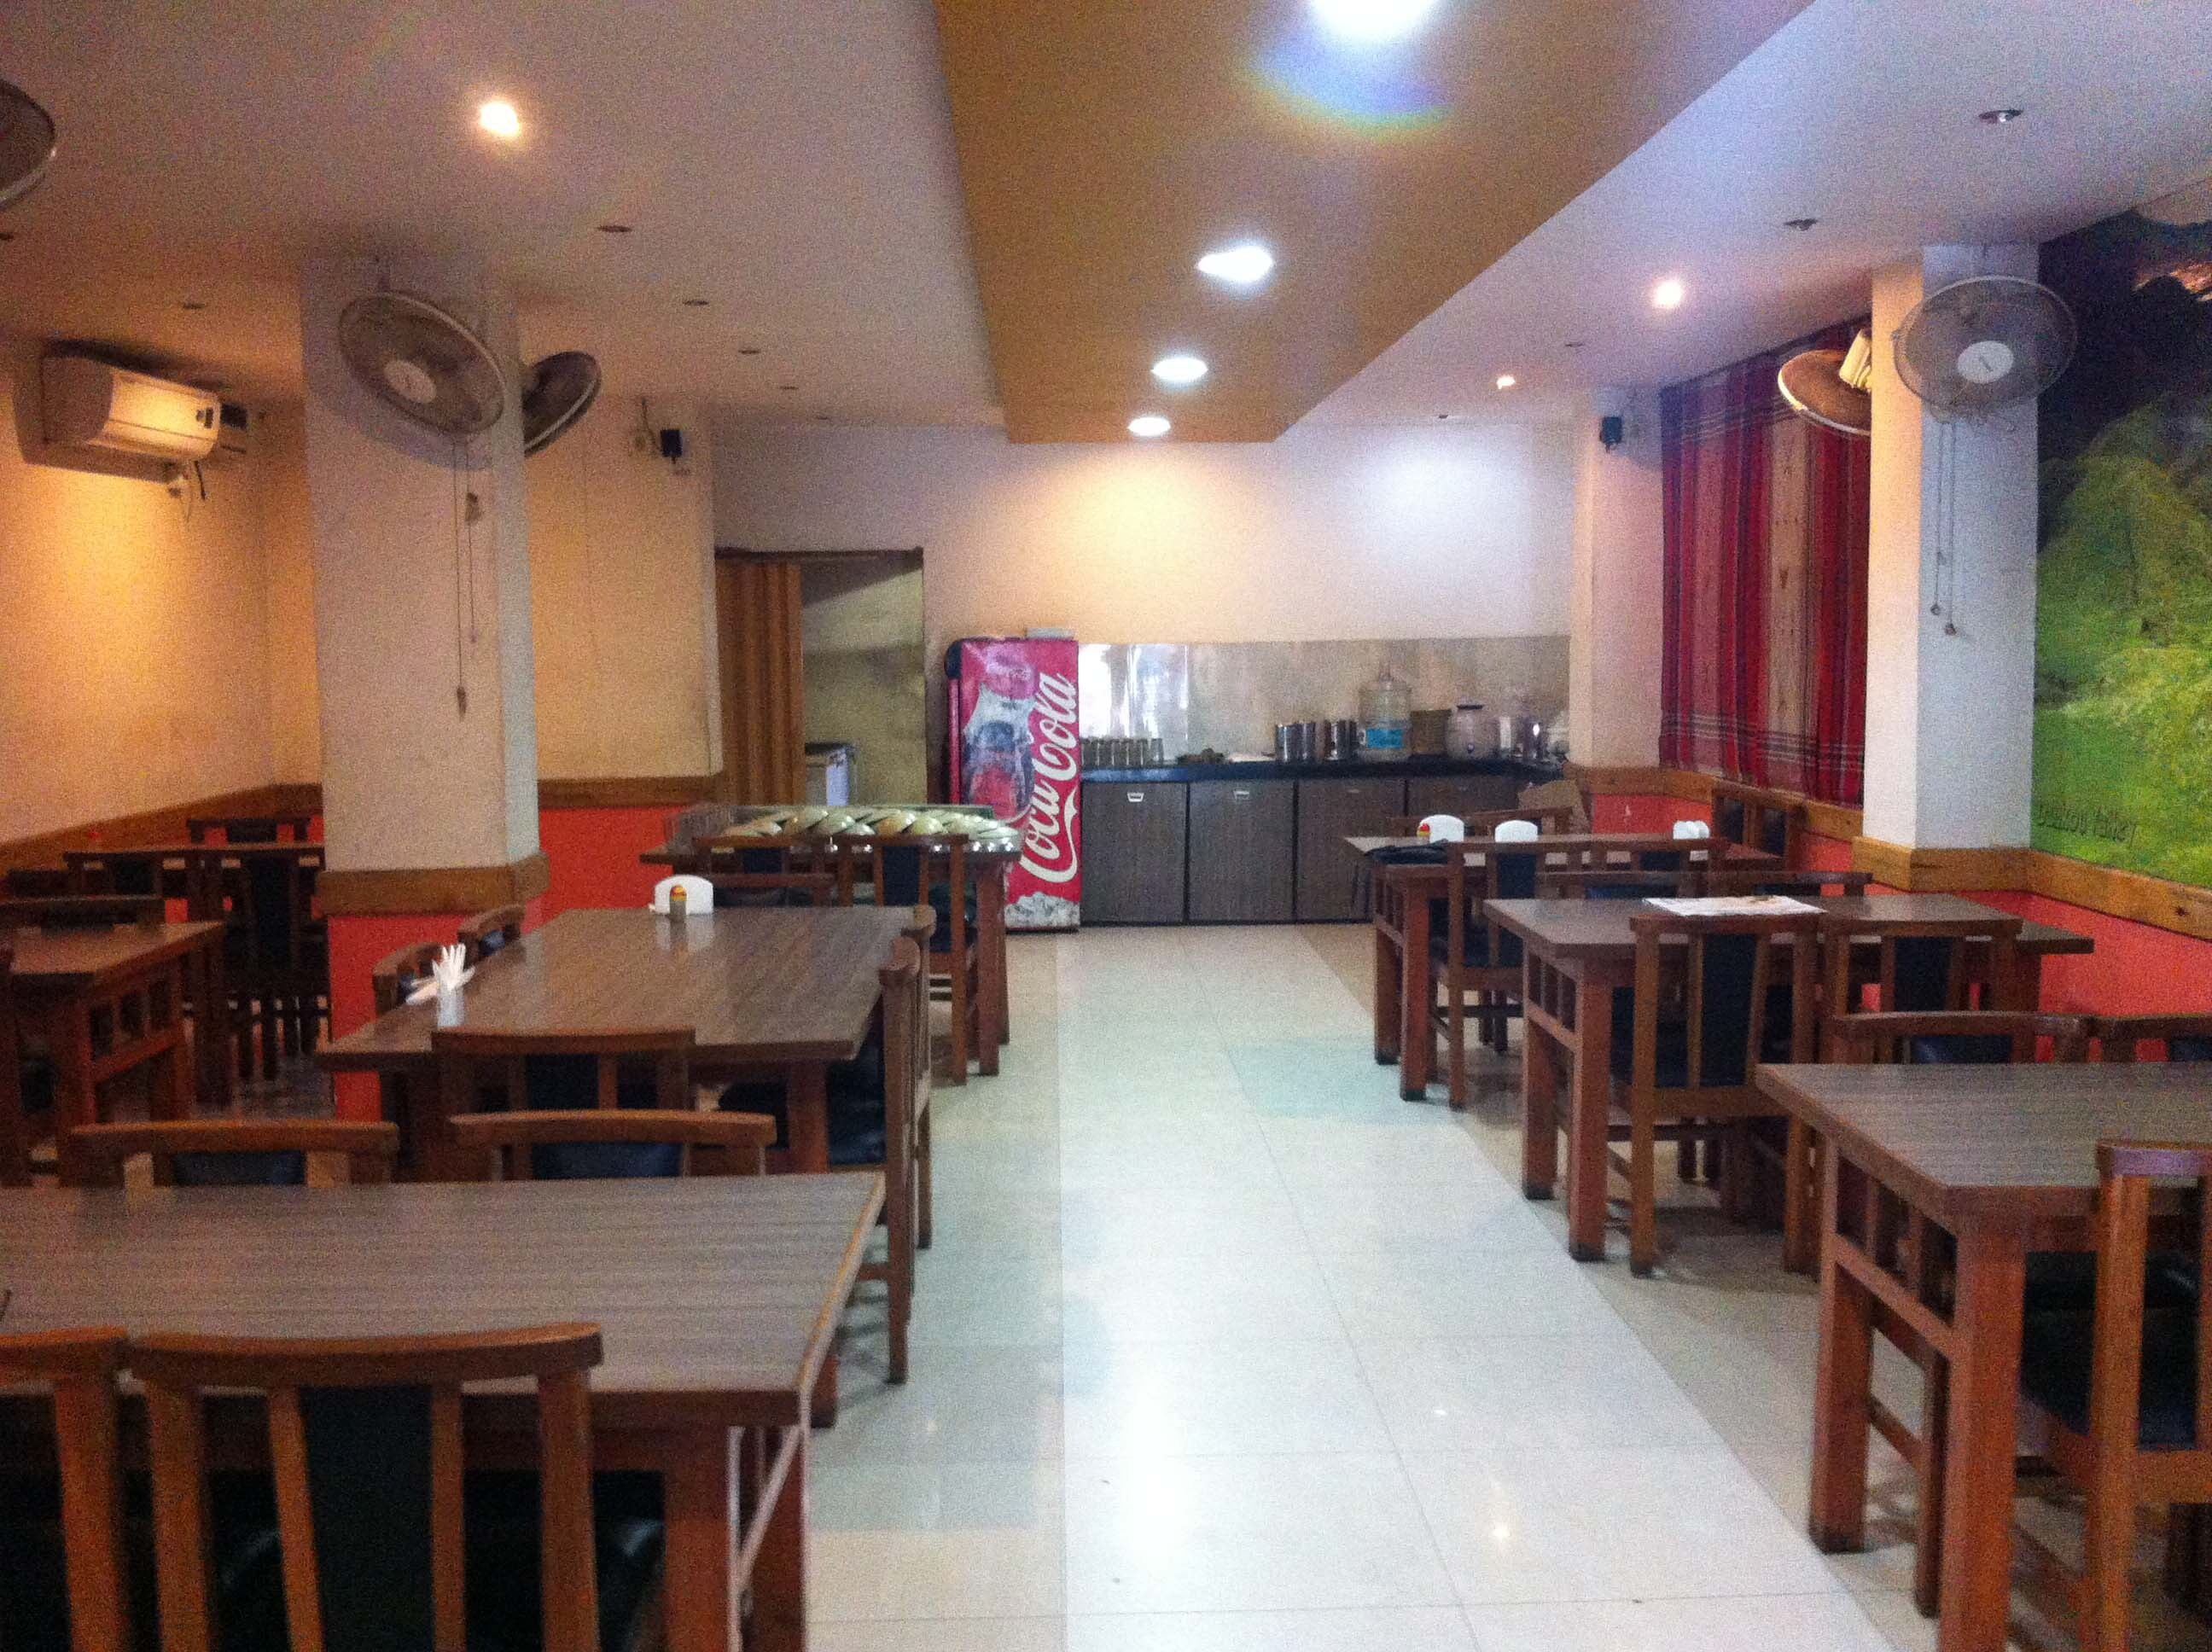 Morung Restaurant - Bhangagarh - Guwahati Image